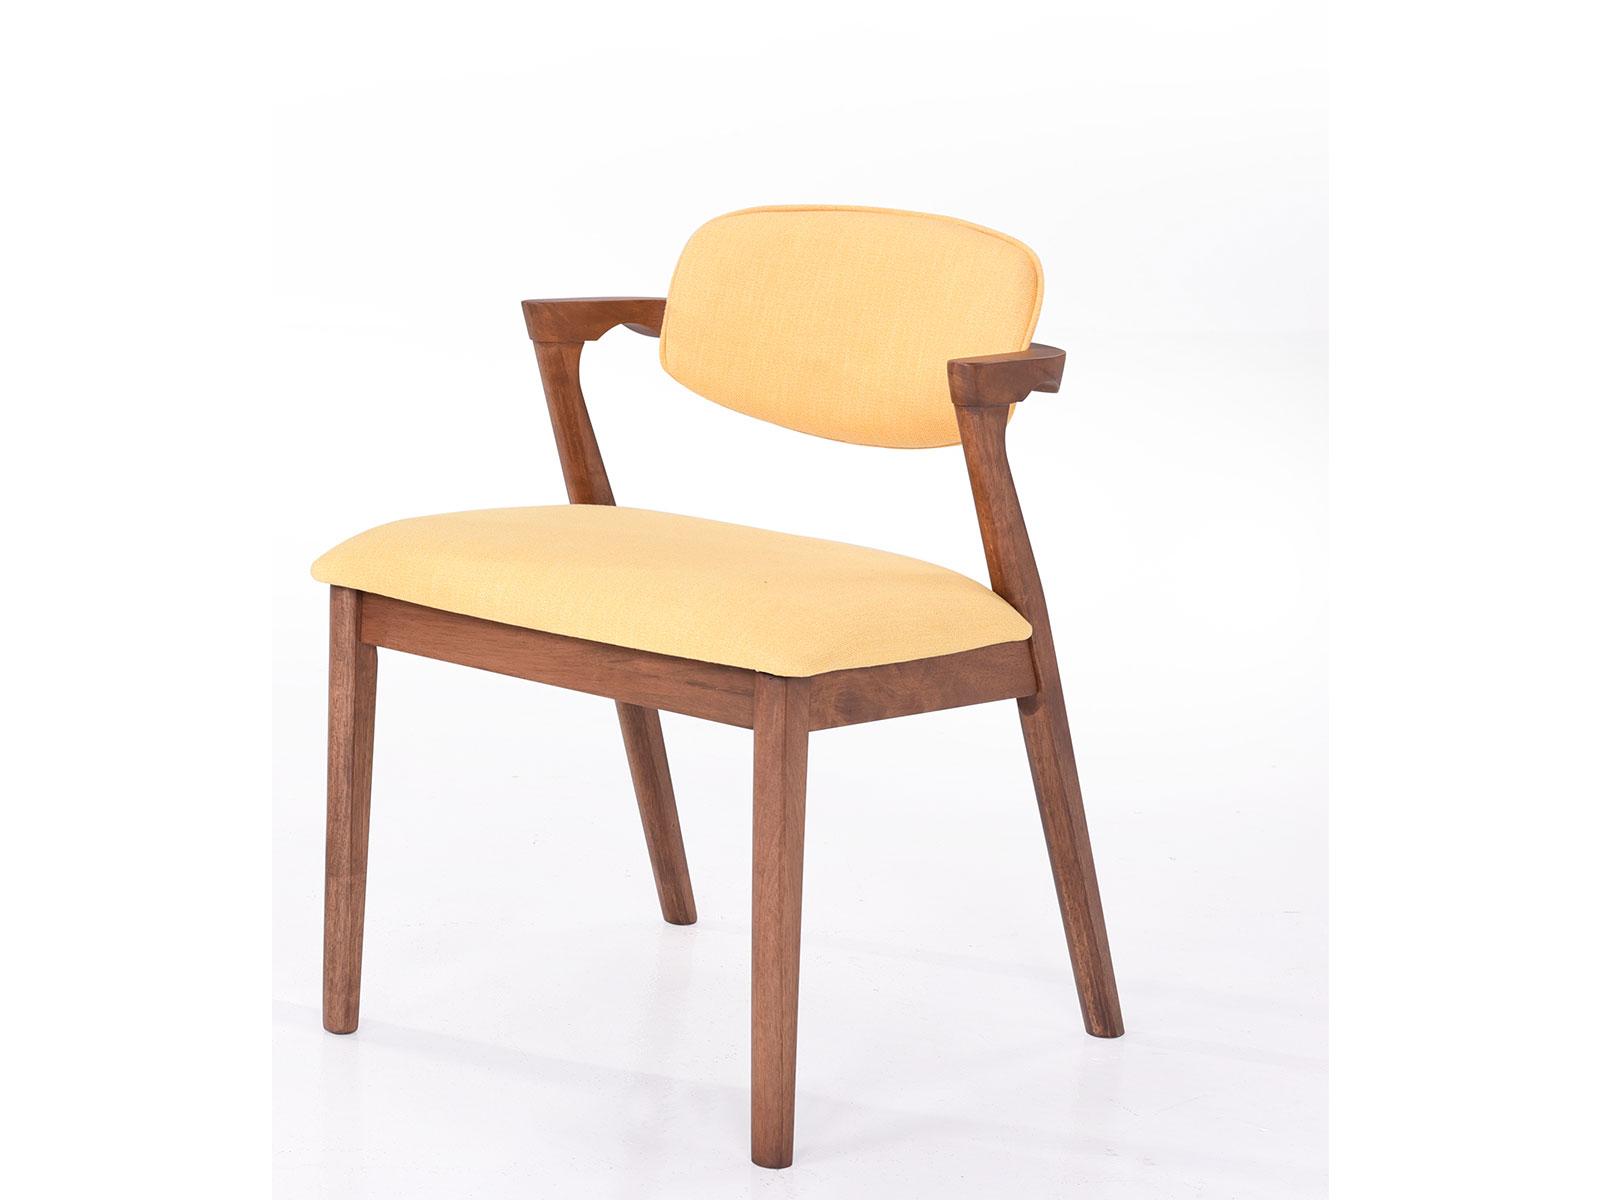 Scaun tapitat cu stofa water resistant, cu picioare din lemn Ivonne Galben, l59xA45xH79,5 cm